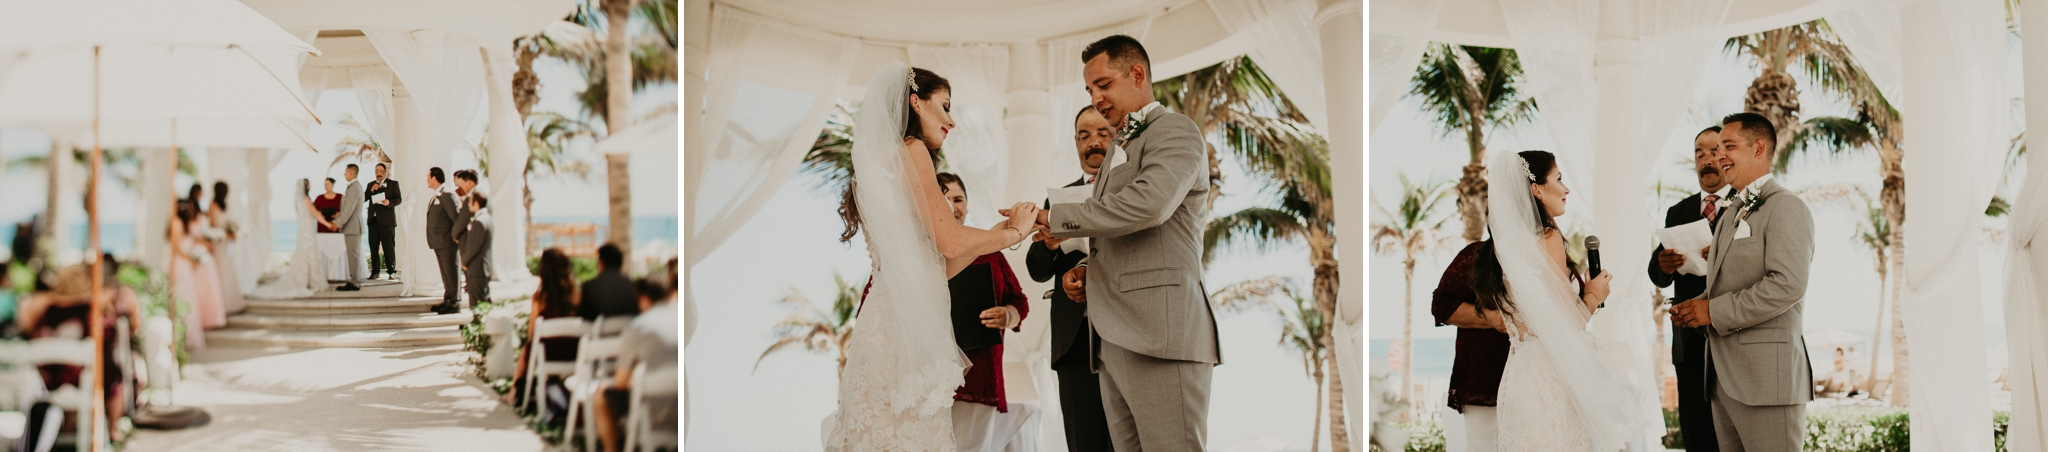 hawaii-wedding5.jpg